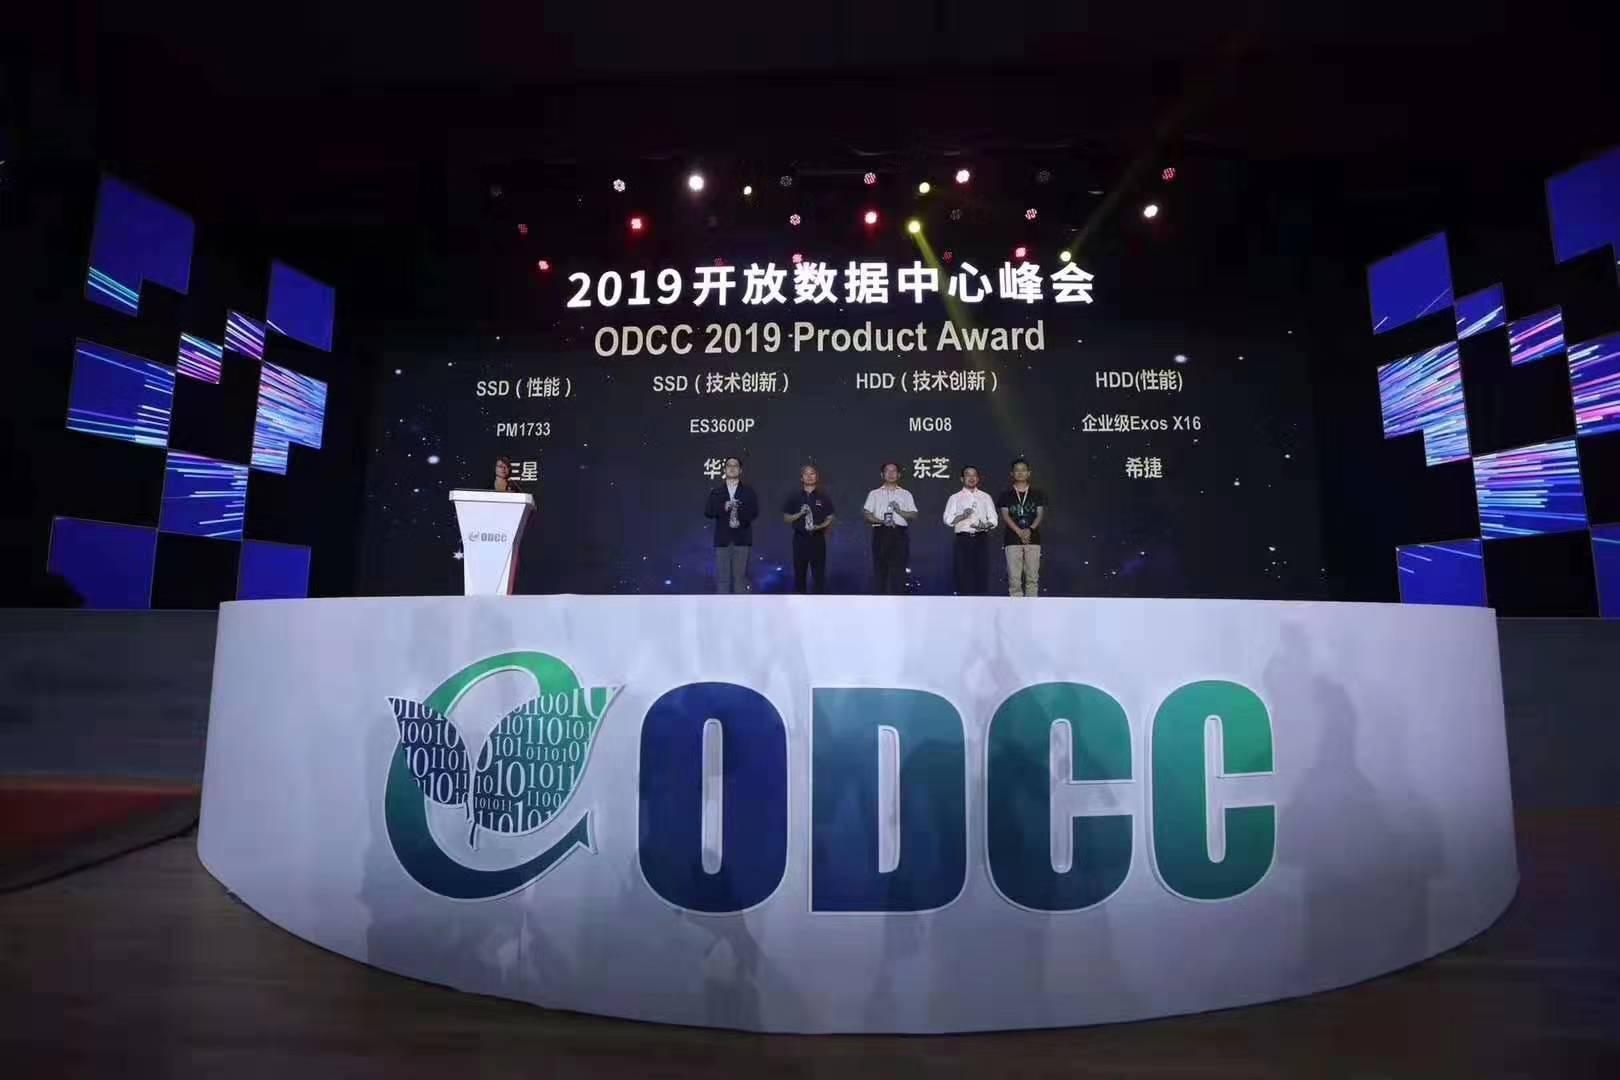 性价比之王 东芝16TB氦气硬盘斩获2019 ODCC大奖